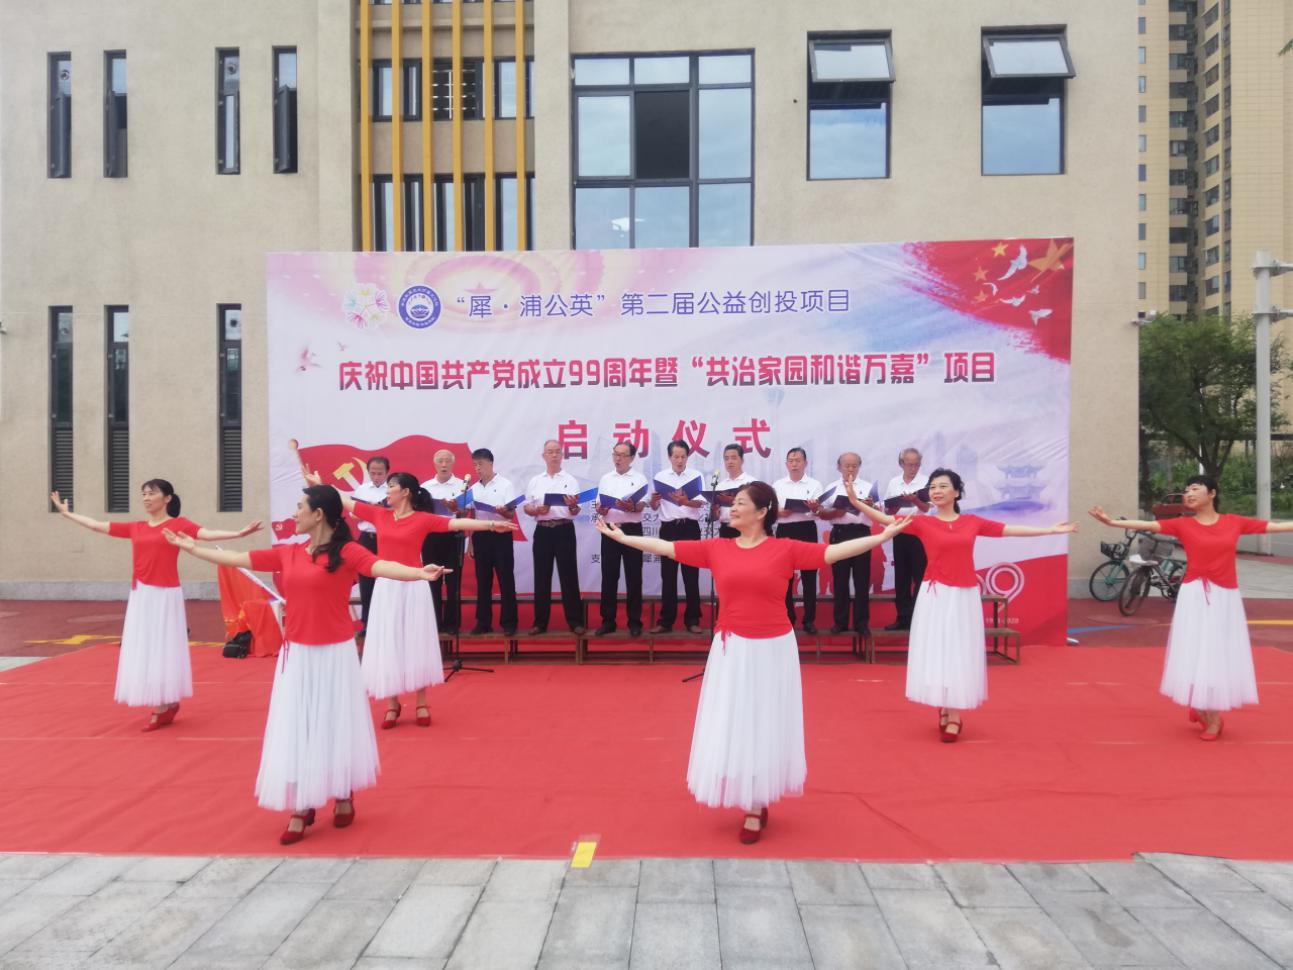 成都市郫都区犀浦街道举办建党99周年庆祝活动